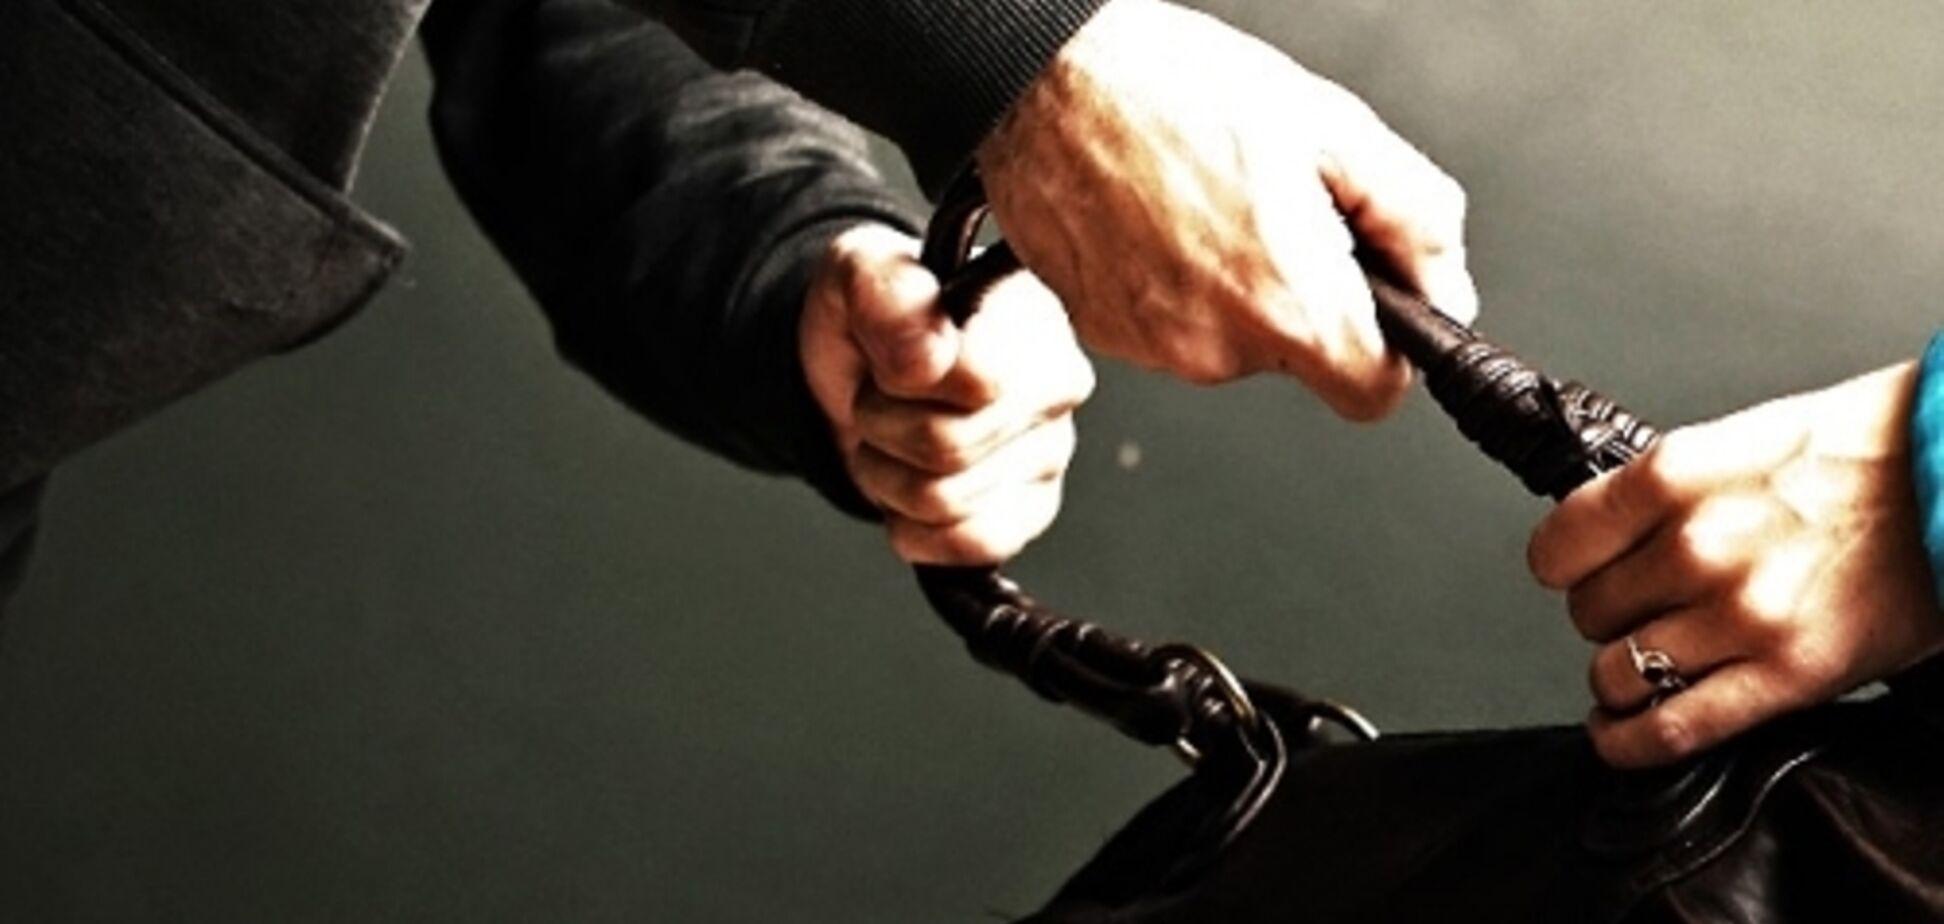 У Кривому Розі пограбували жінку-листоношу, яка розносила пенсії